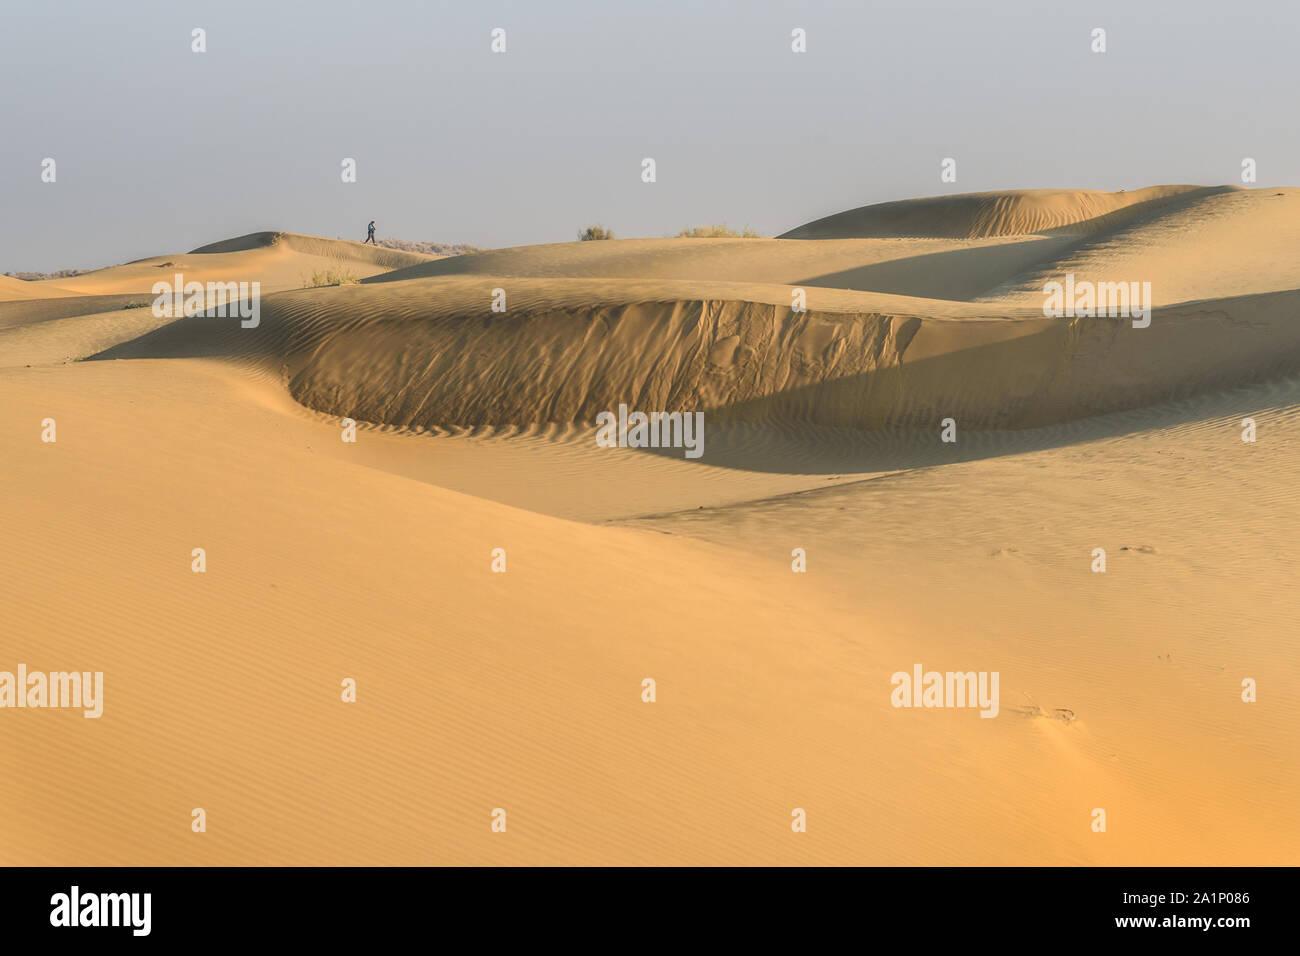 Dunes de sable dans le désert du Thar. Jaisalmer. Le Rajasthan en Inde Banque D'Images